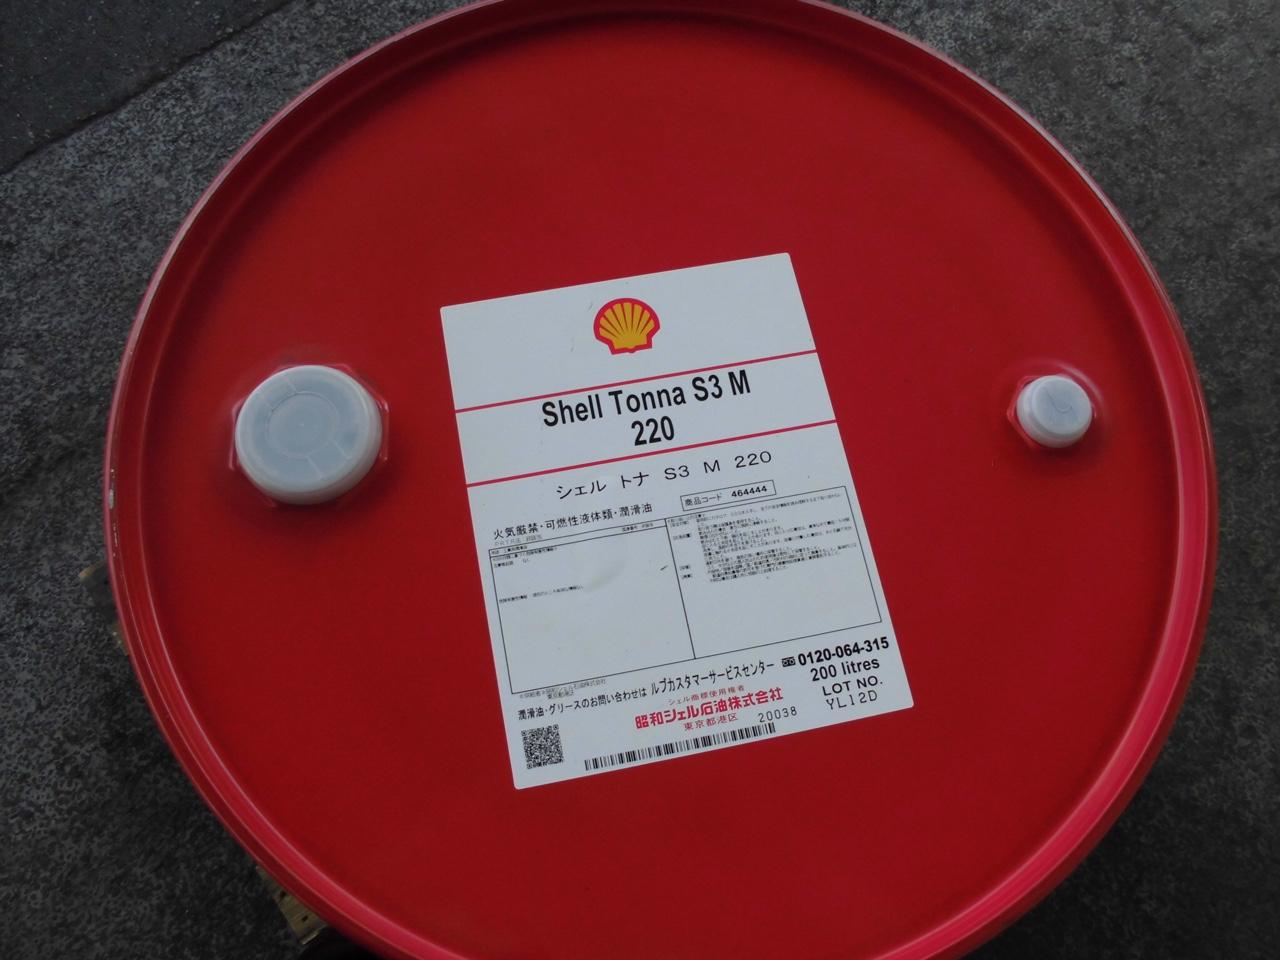 Toàn bộ chi tiết về dầu thủy lực là gì? Đơn vị phân phối giá rẻ?